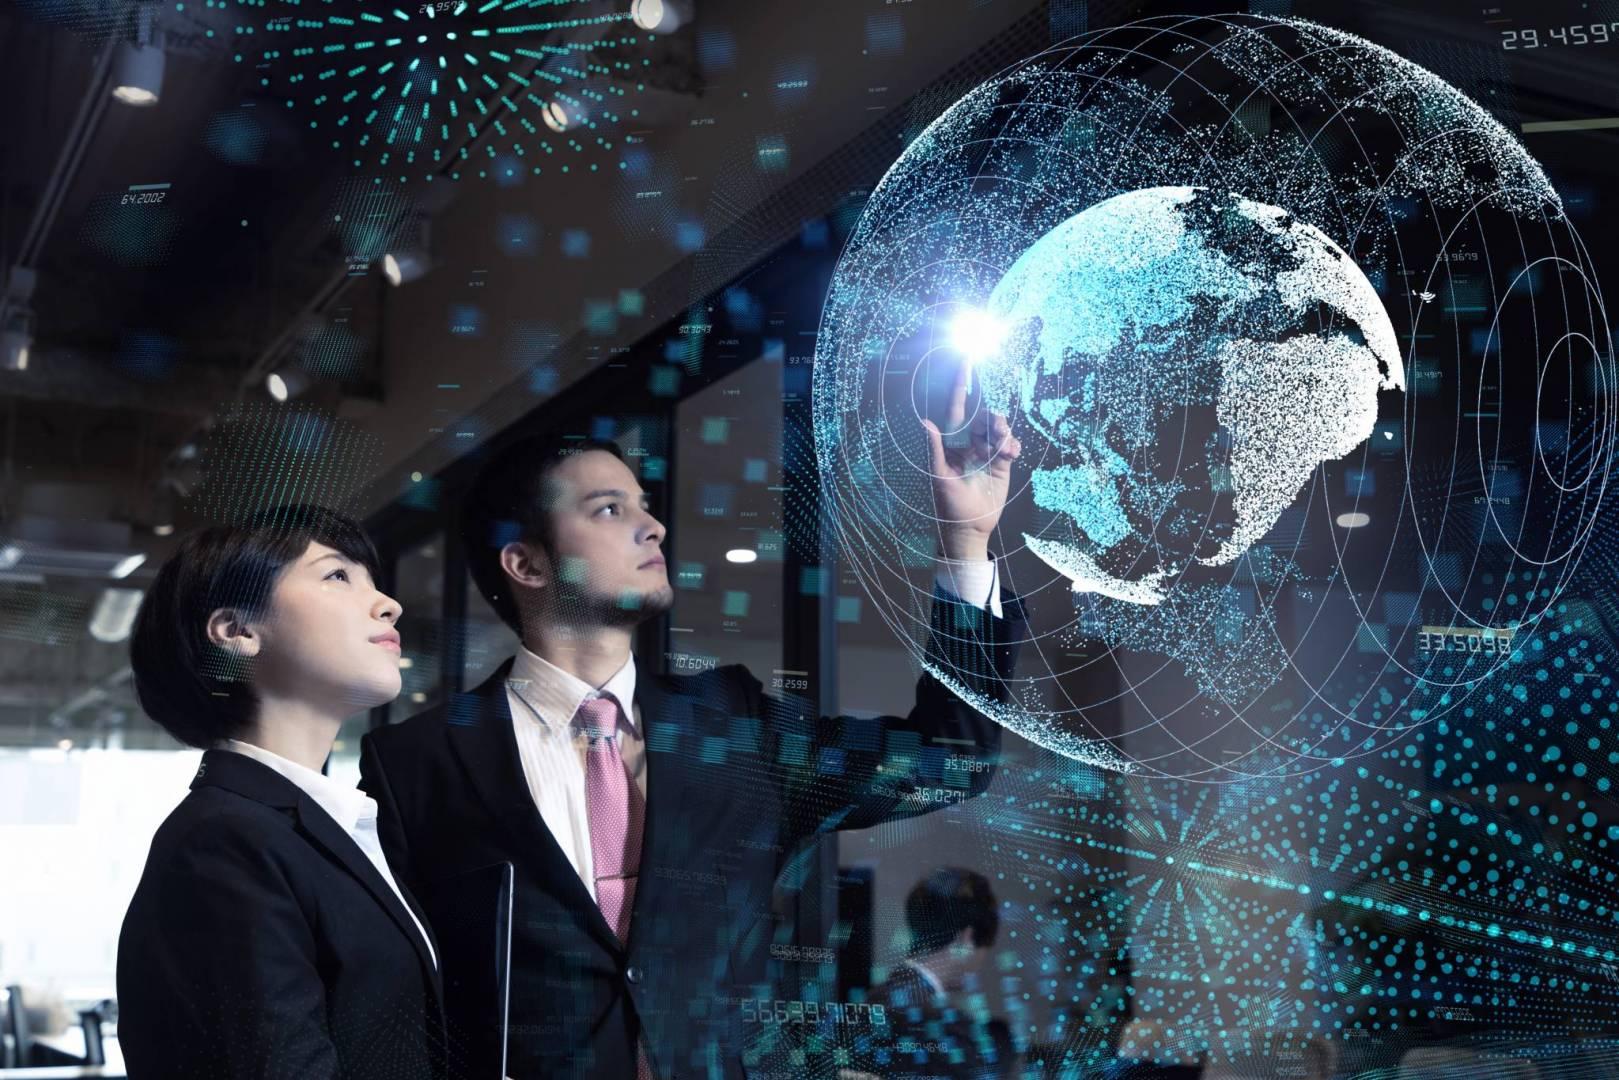 القارة الآسيوية تستعد للاستفادة من الإزدهار التكنولوجي فى 2020